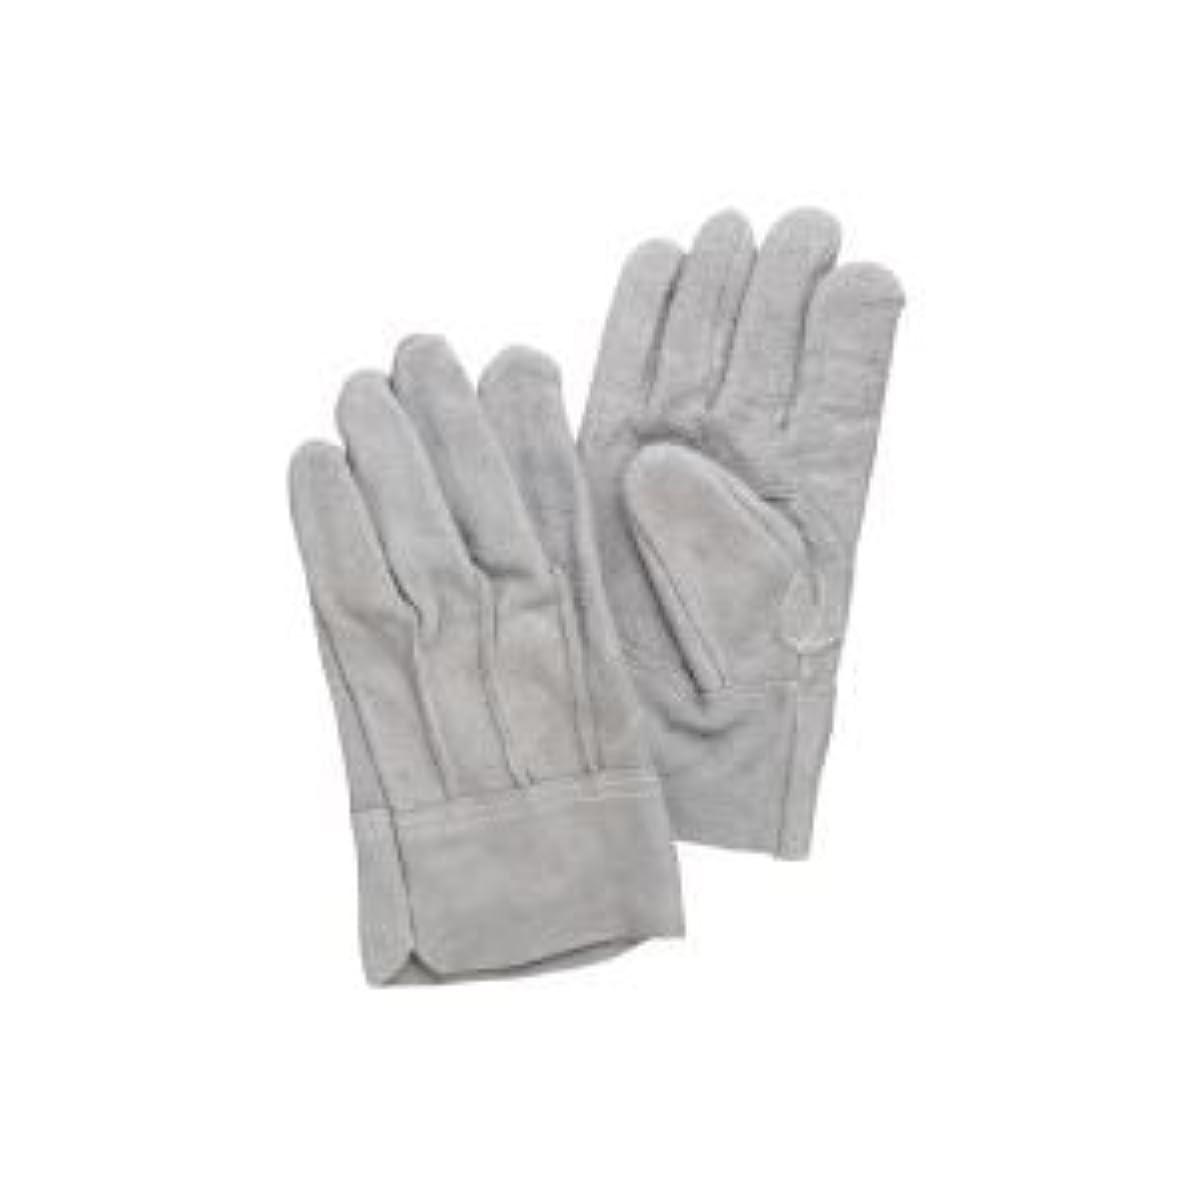 ダイジェスト砂の気づく( お徳用 100セット ) 熱田資材 革手袋床革手袋 背縫い NO.11 グレー